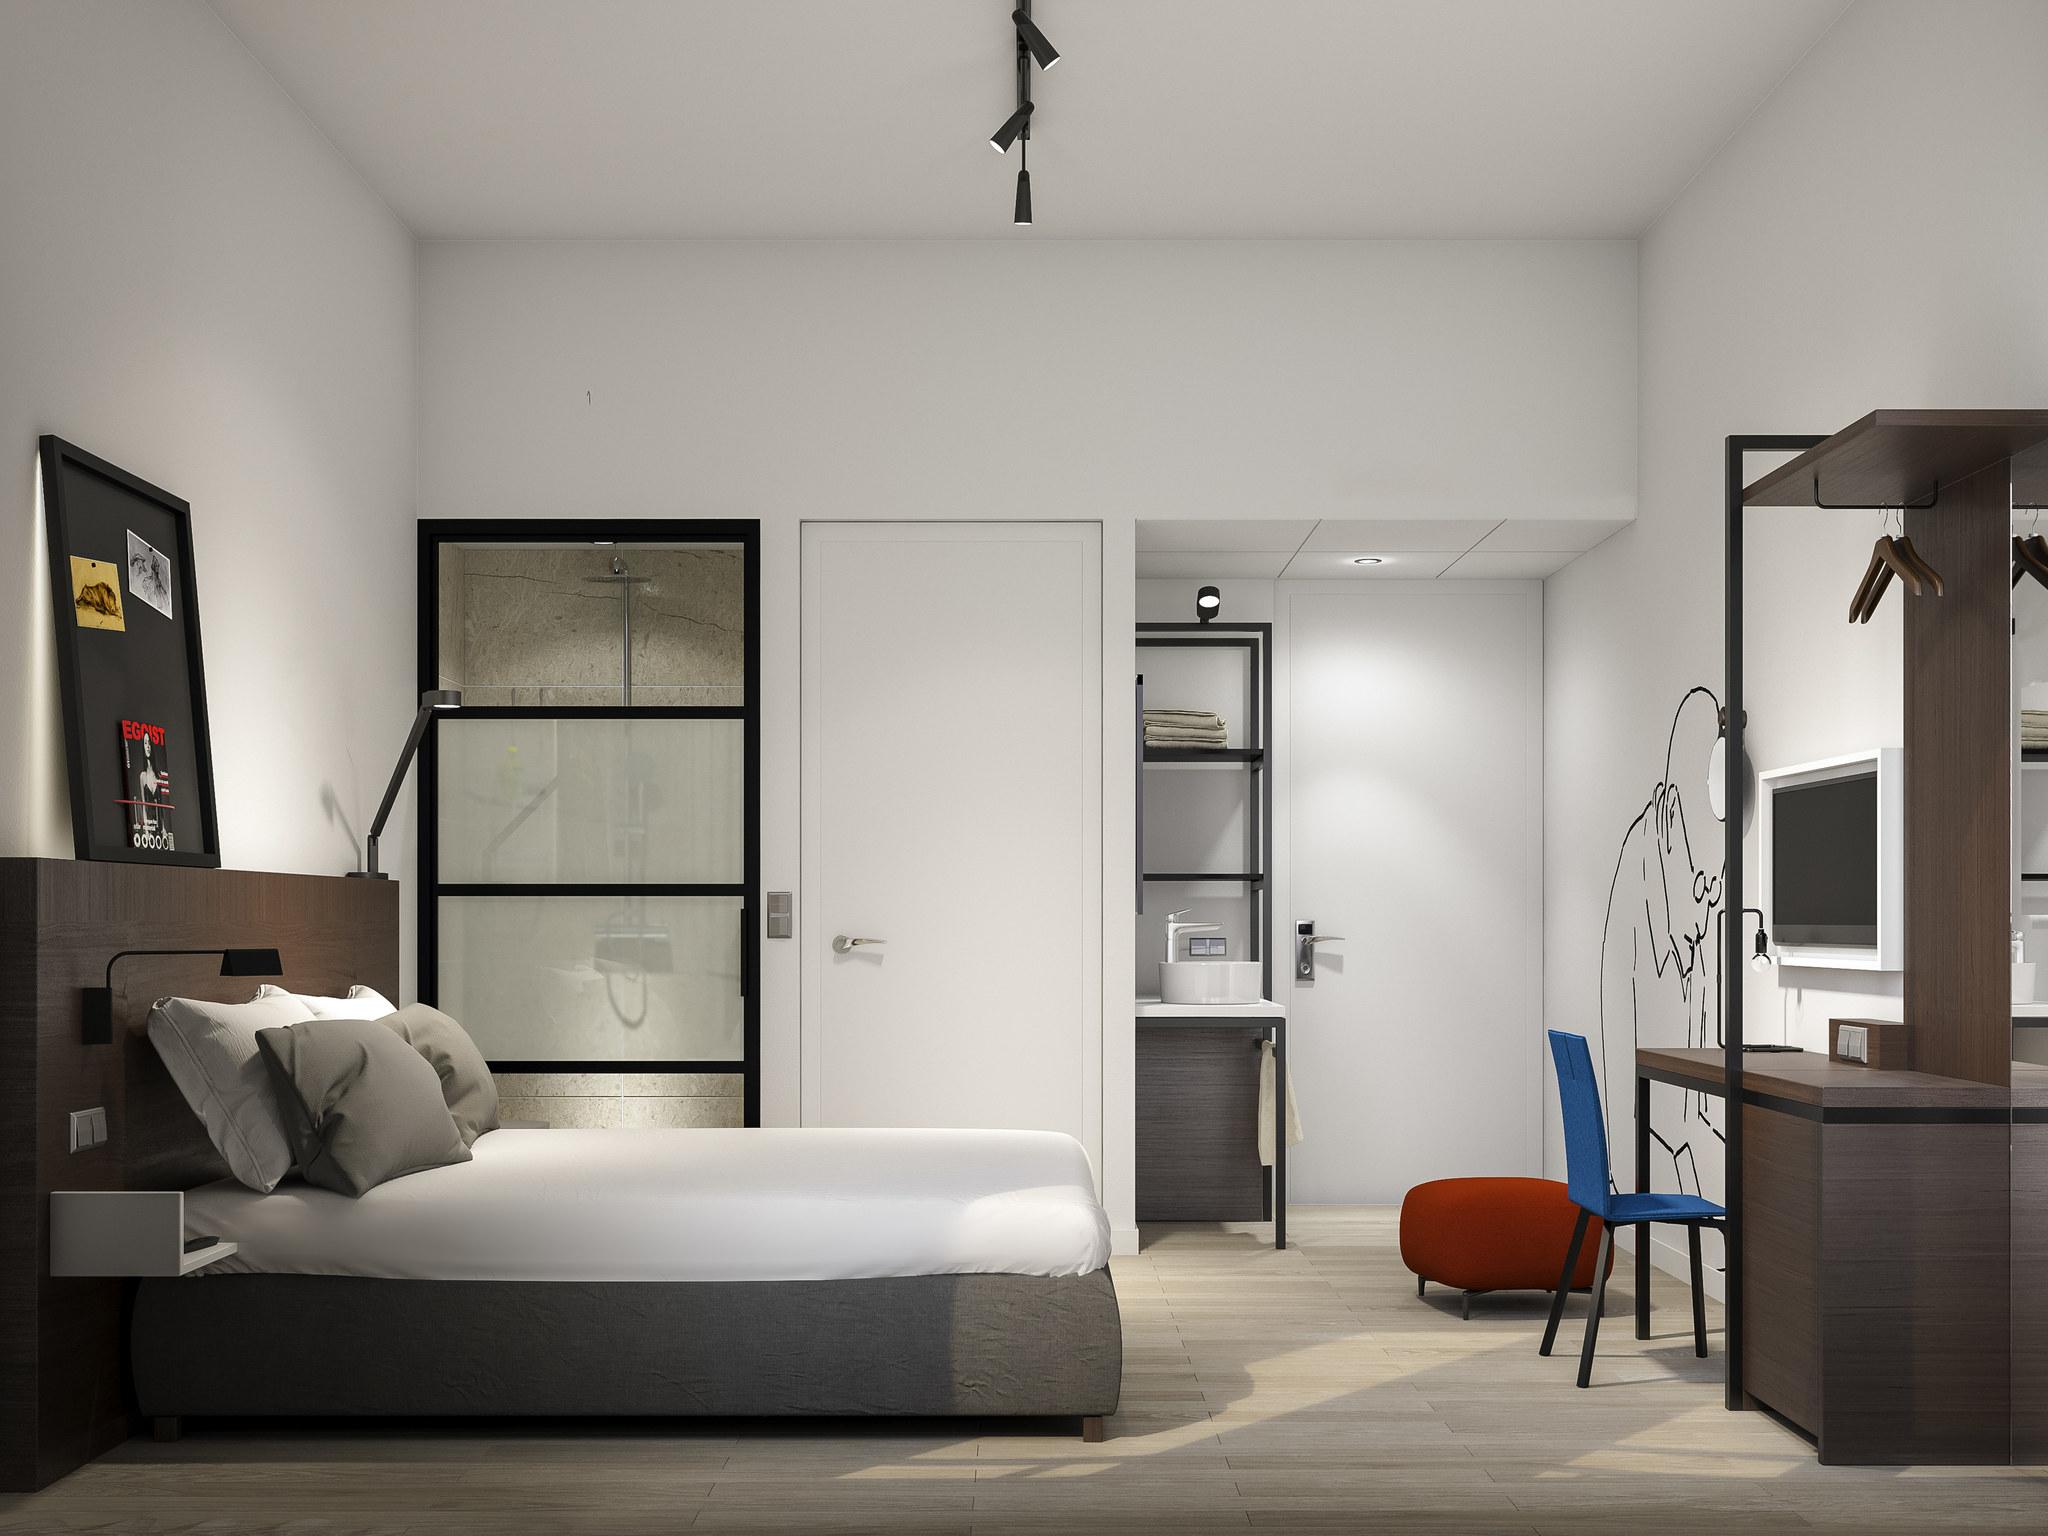 โรงแรม – ไอบิส สไตล์ เดน ฮาก ซิตี้ เซ็นเตอร์